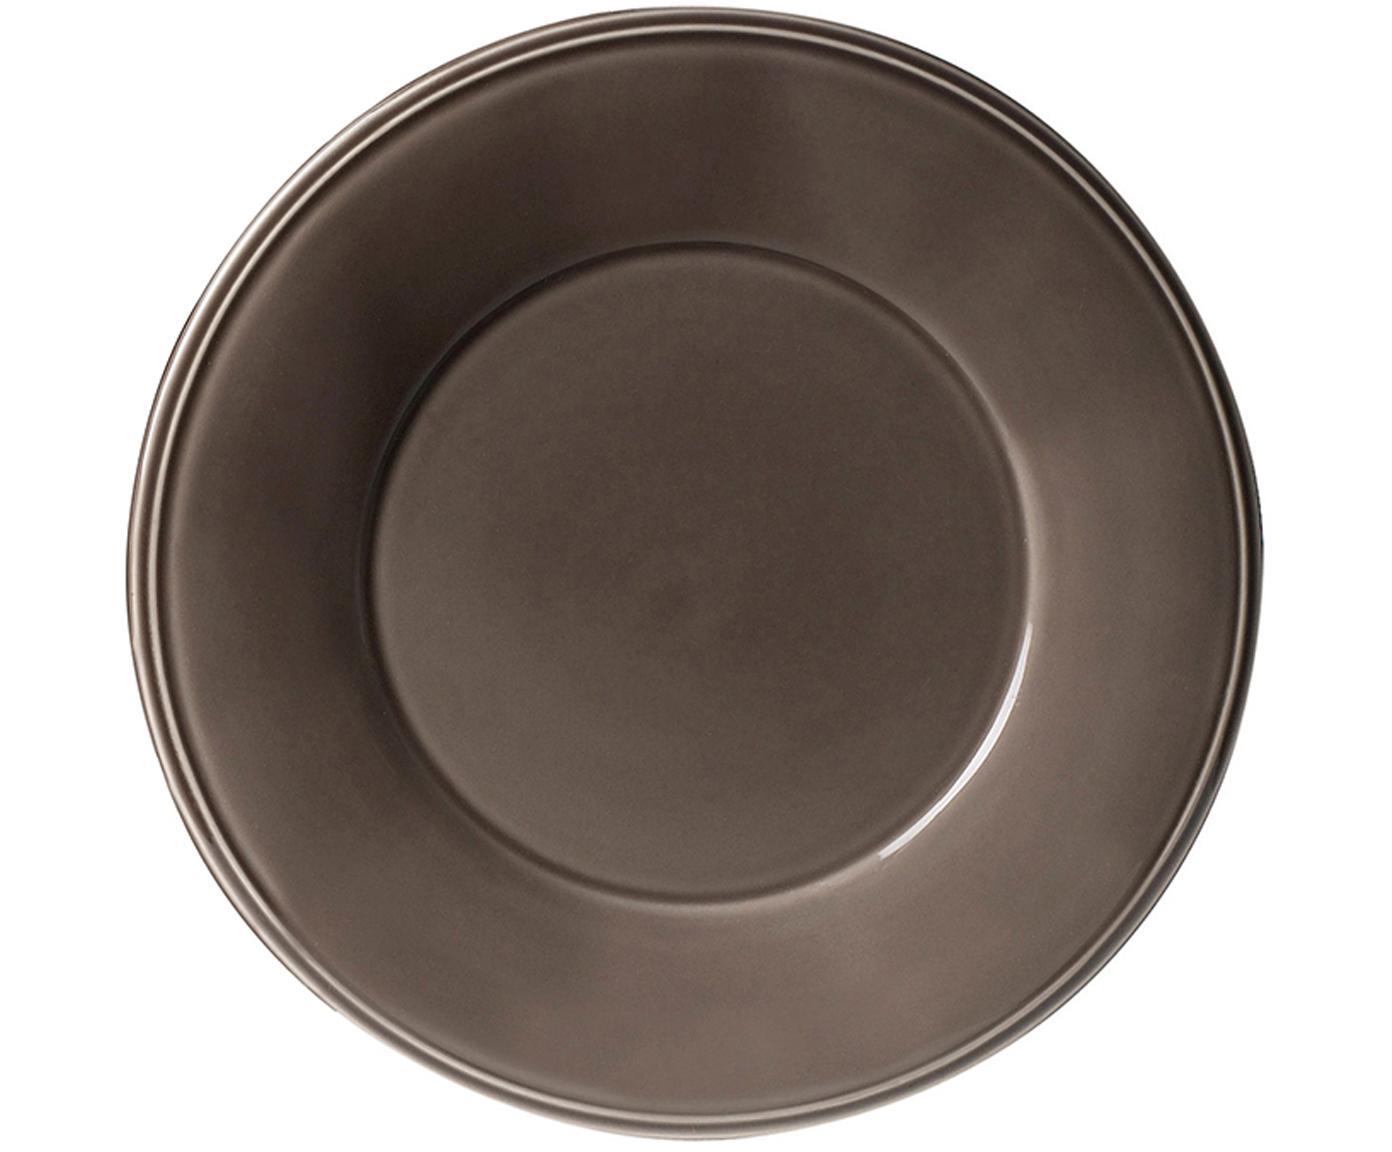 Ontbijtborden Constance, 2 stuks, Keramiek, Bruin, Ø 24 cm